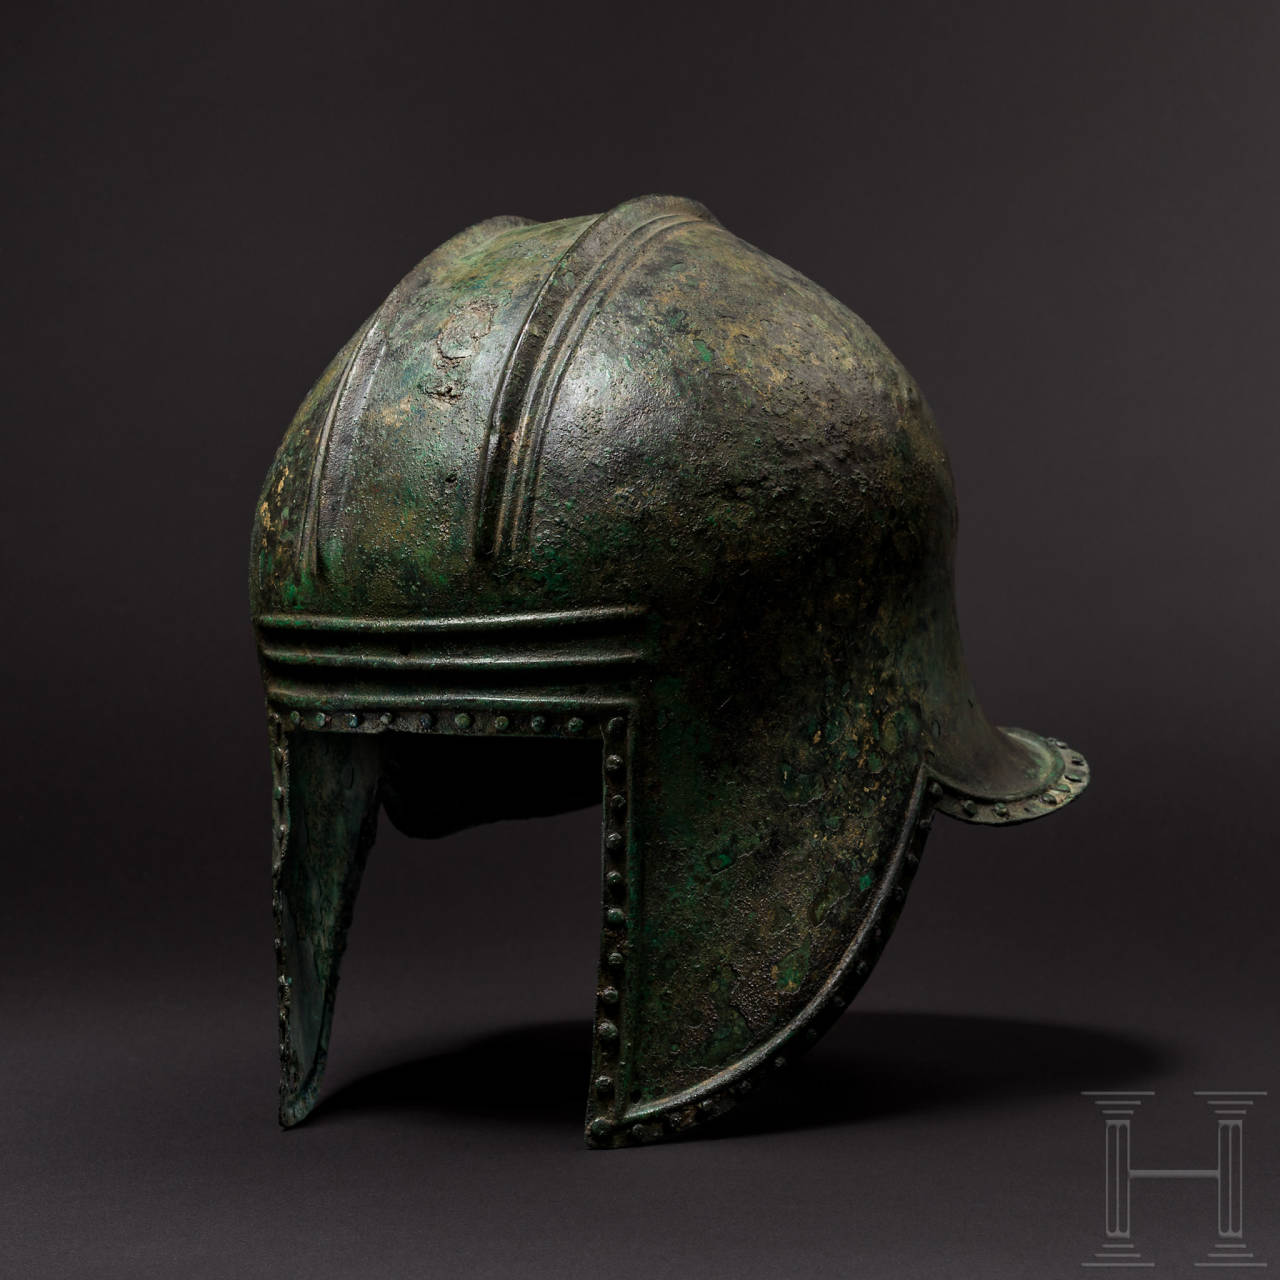 Illyrischer Helm, griechisch, 2. Hälfte 7. - 1. Hälfte 6. Jhdt. v. Chr.